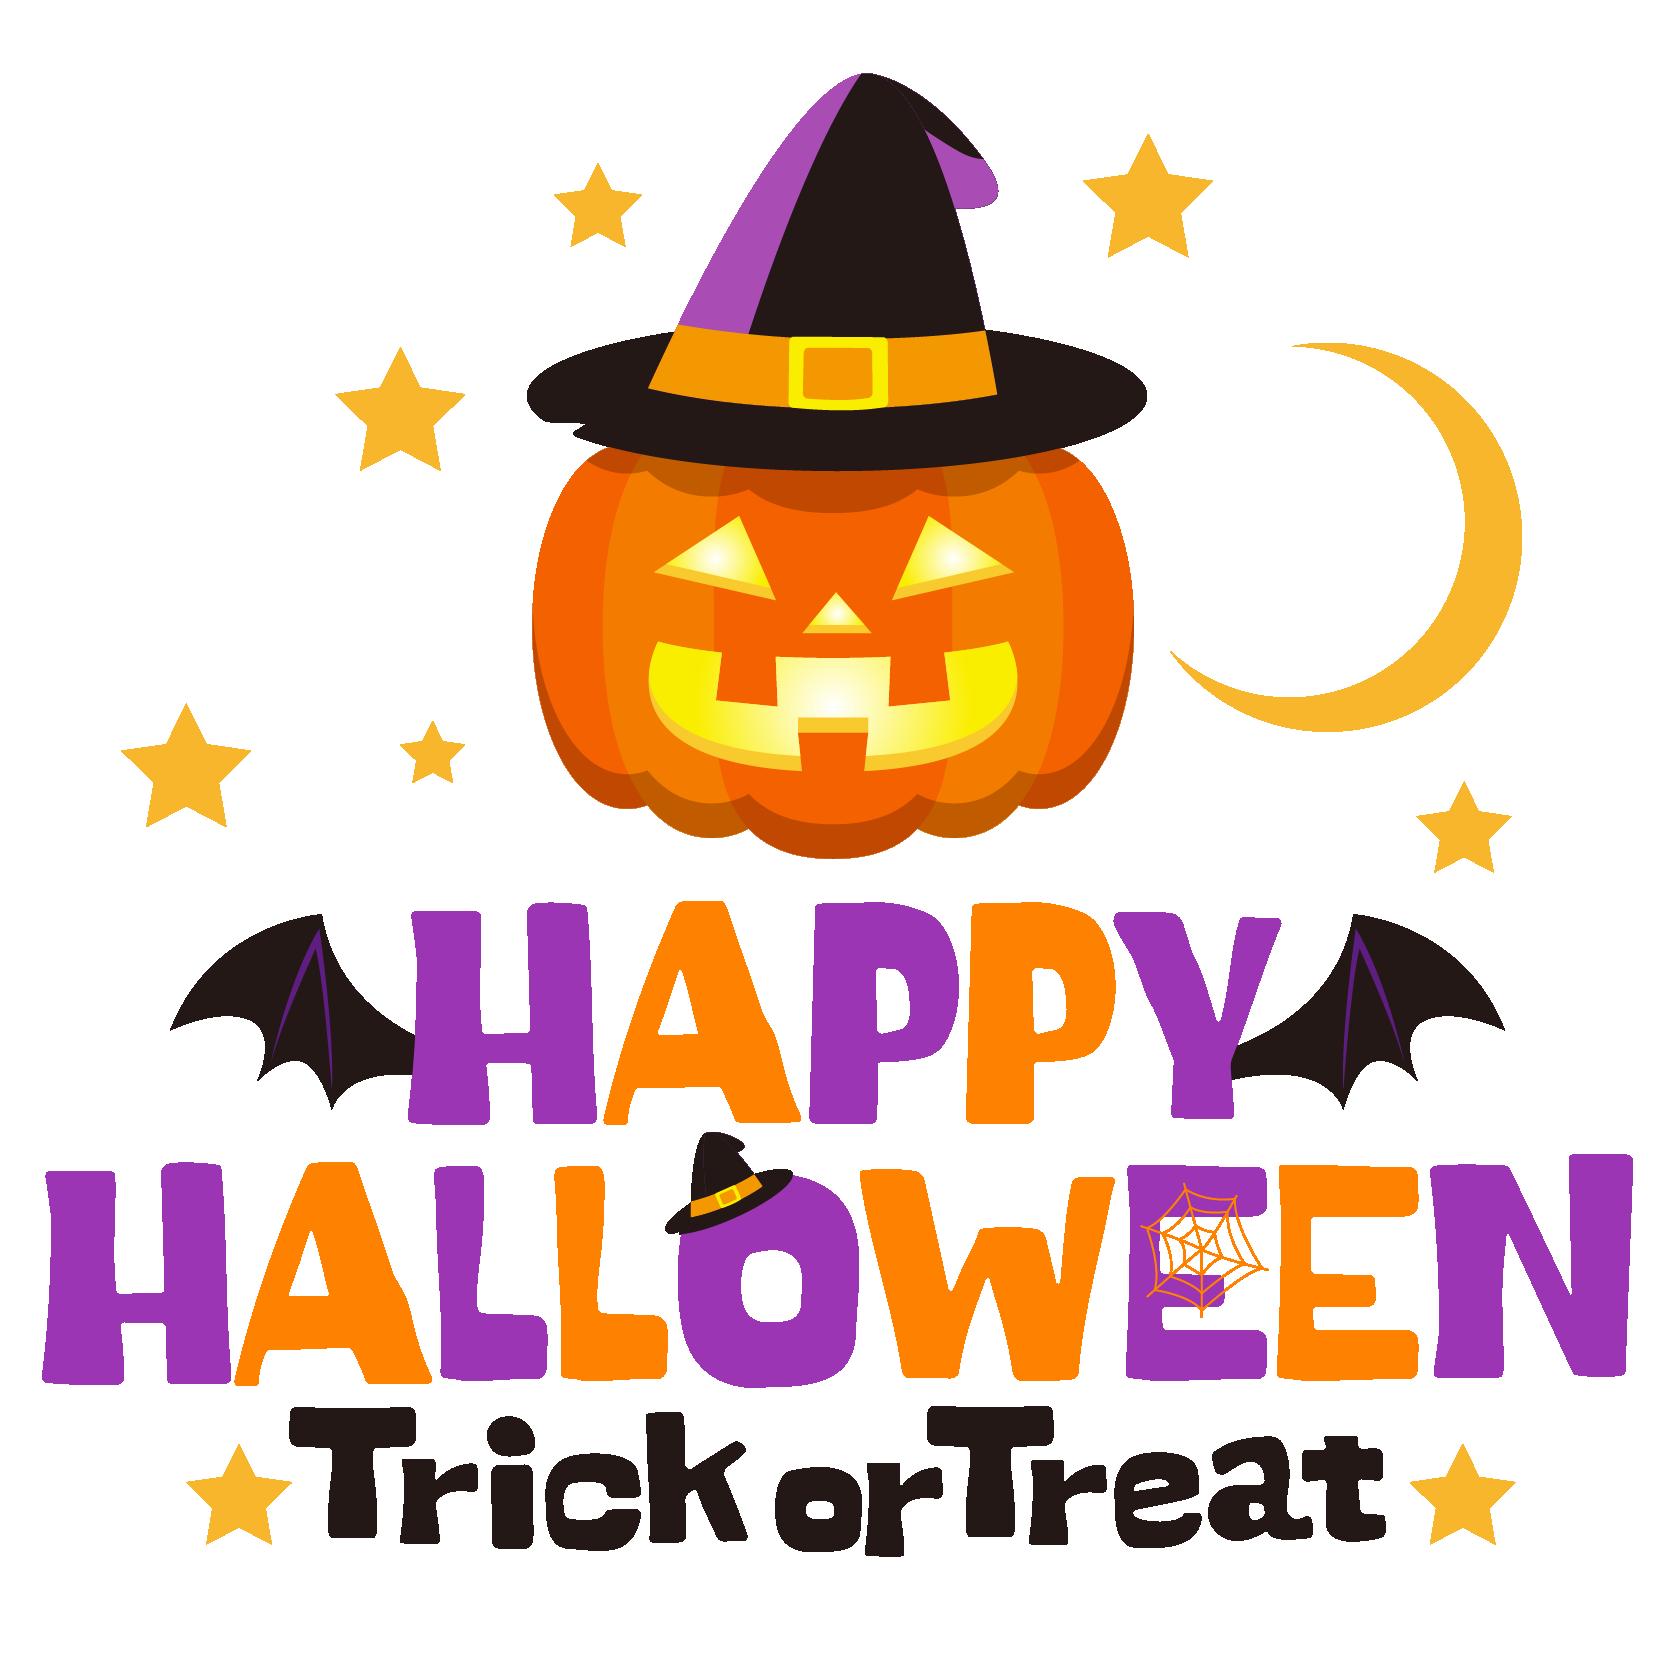 商用フリーイラスト_無料_10月_ハロウィン文字_happy halloween,trick or